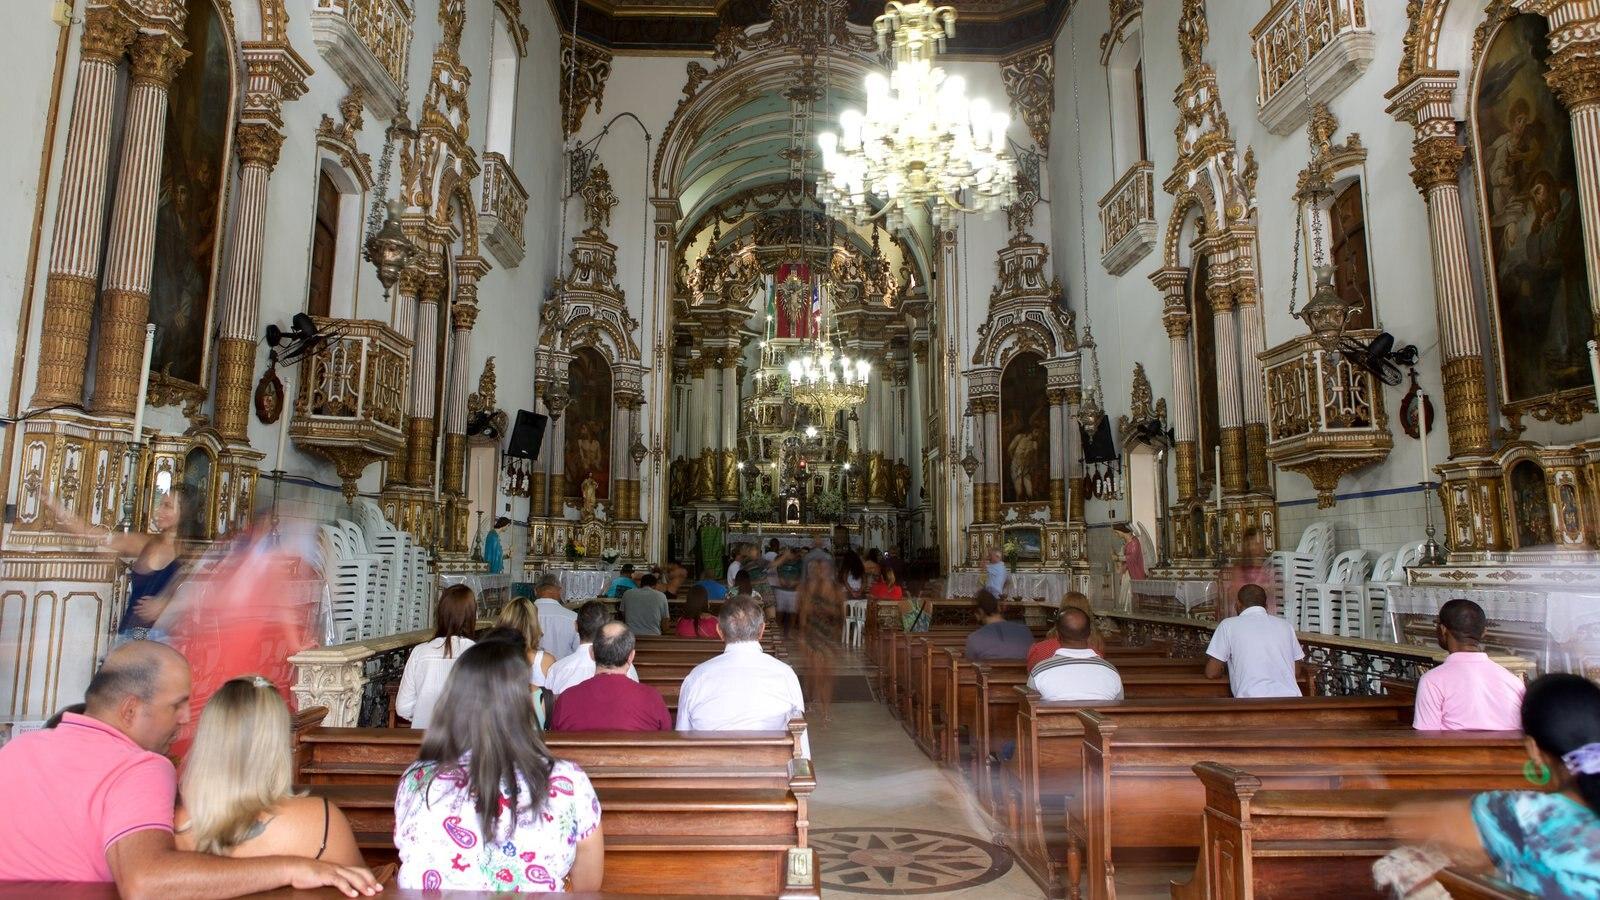 Igreja do Nosso Senhor do Bonfim caracterizando uma igreja ou catedral, vistas internas e elementos religiosos